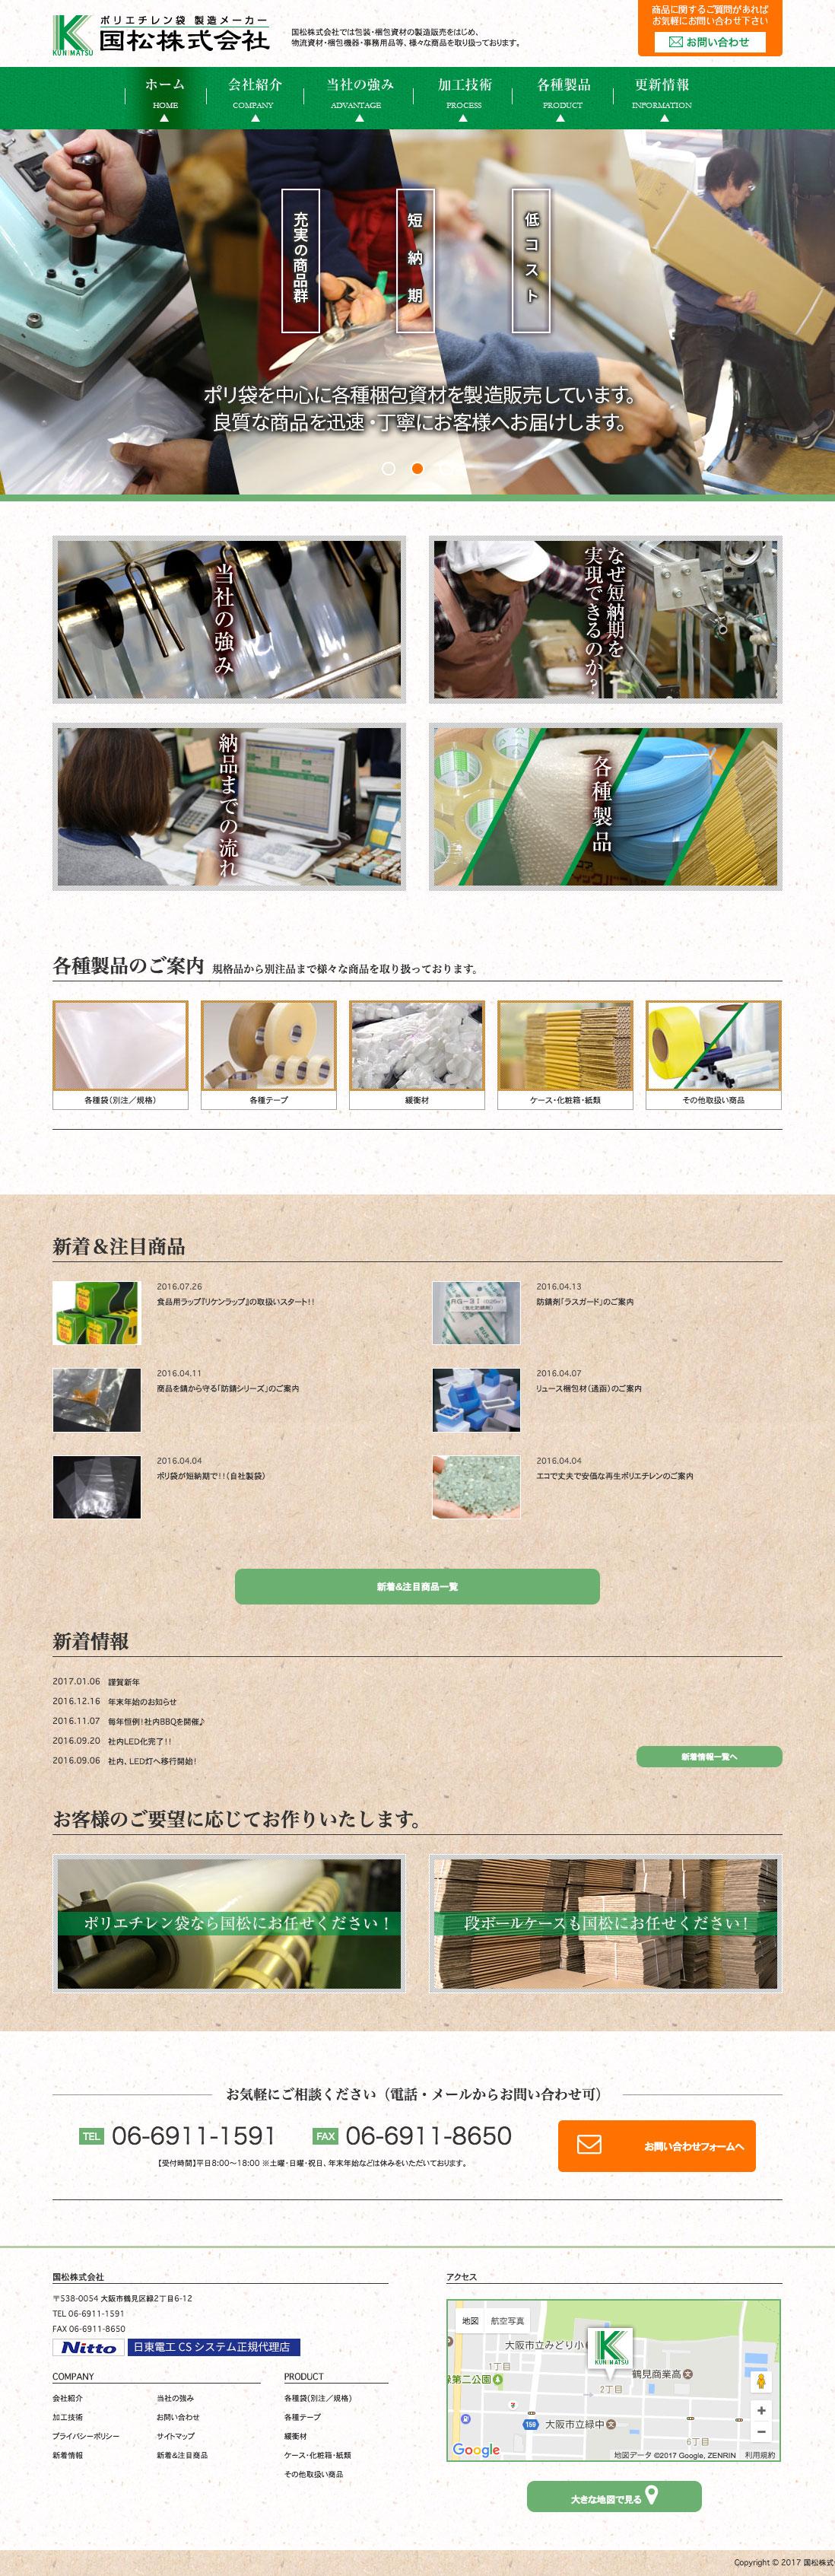 国松株式会社TOPページ